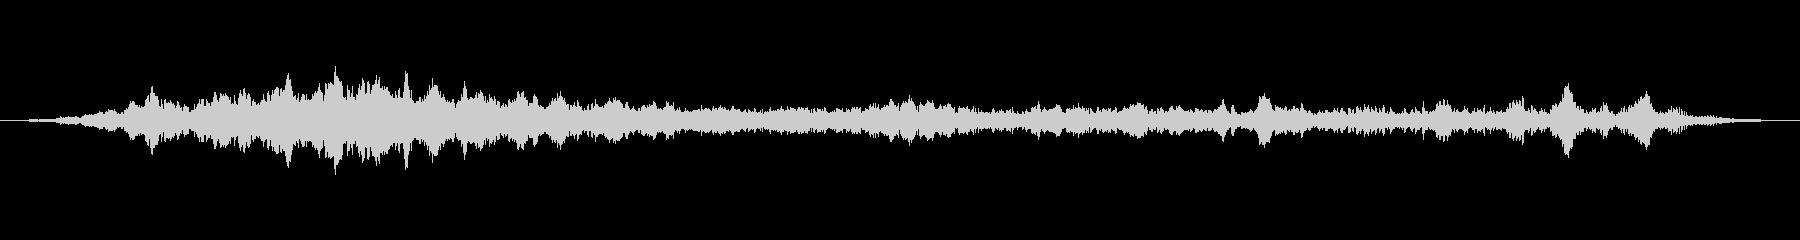 上昇 ホバーグリッチ03の未再生の波形